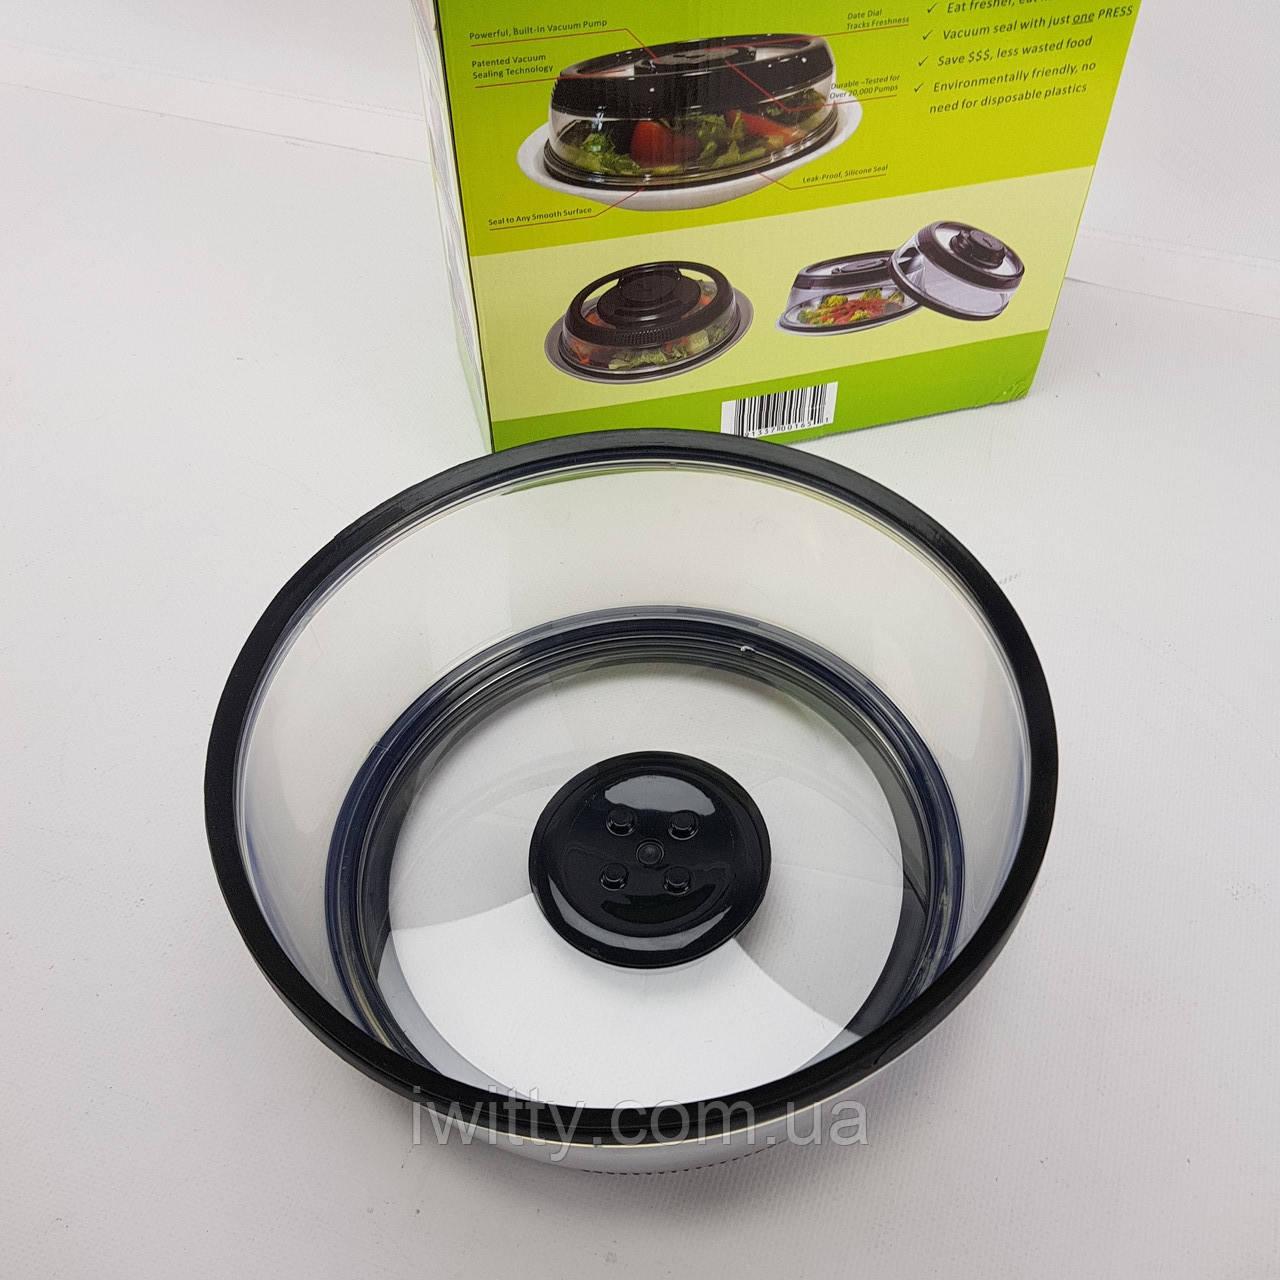 Вакуумная Крышка для пищи 25см Vacuum Food Sealer